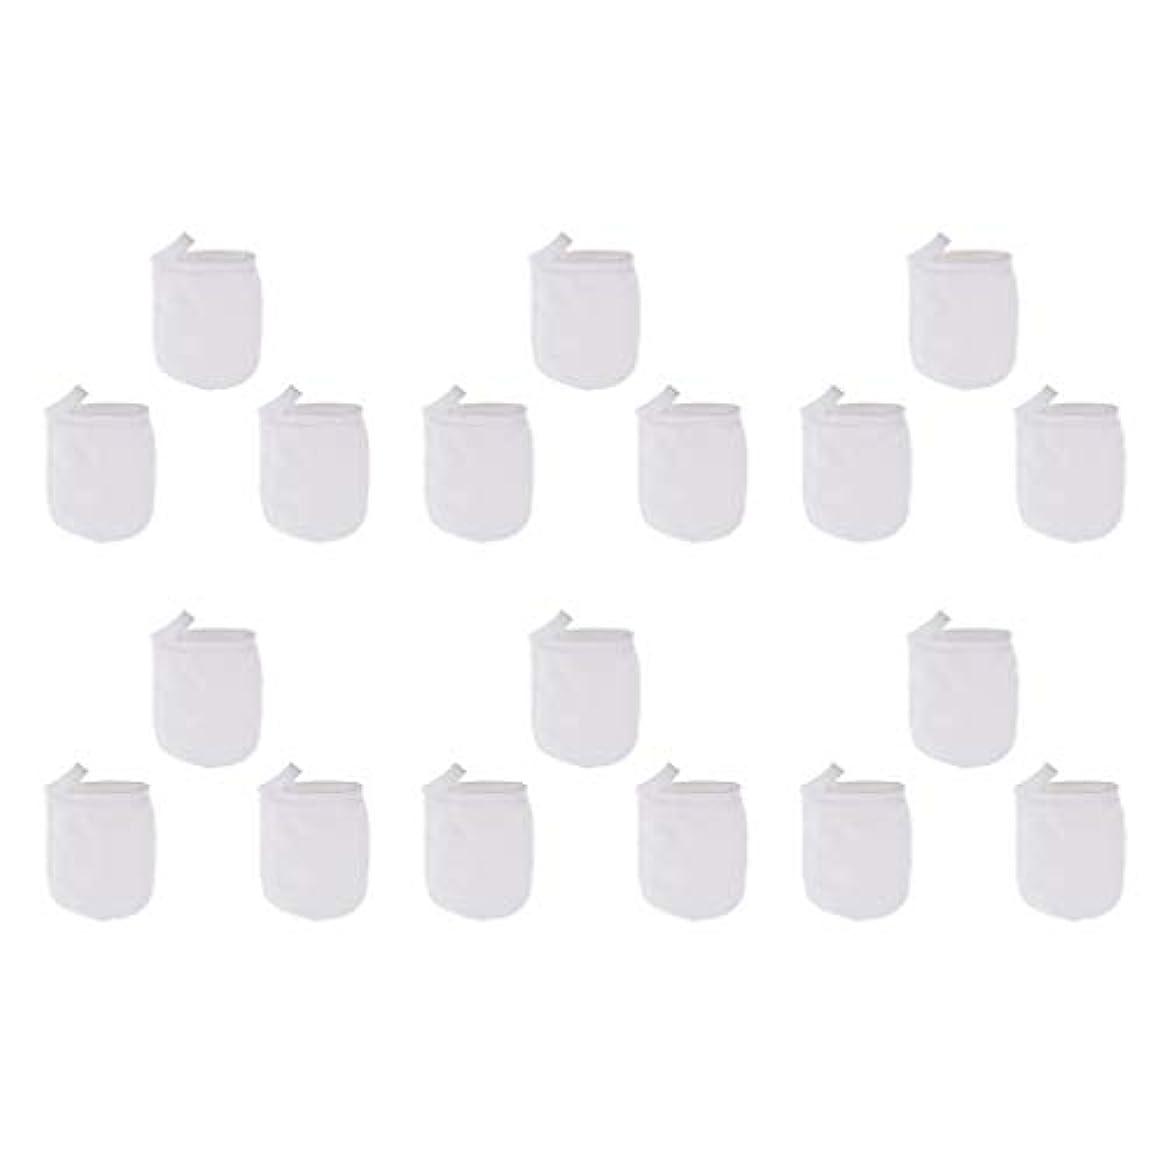 独立してぼろメダリストCUTICATE 洗顔手袋 フェイスクレンジング手袋 再利用可能な 柔らかい マイクロファイバー リムーバー 洗顔